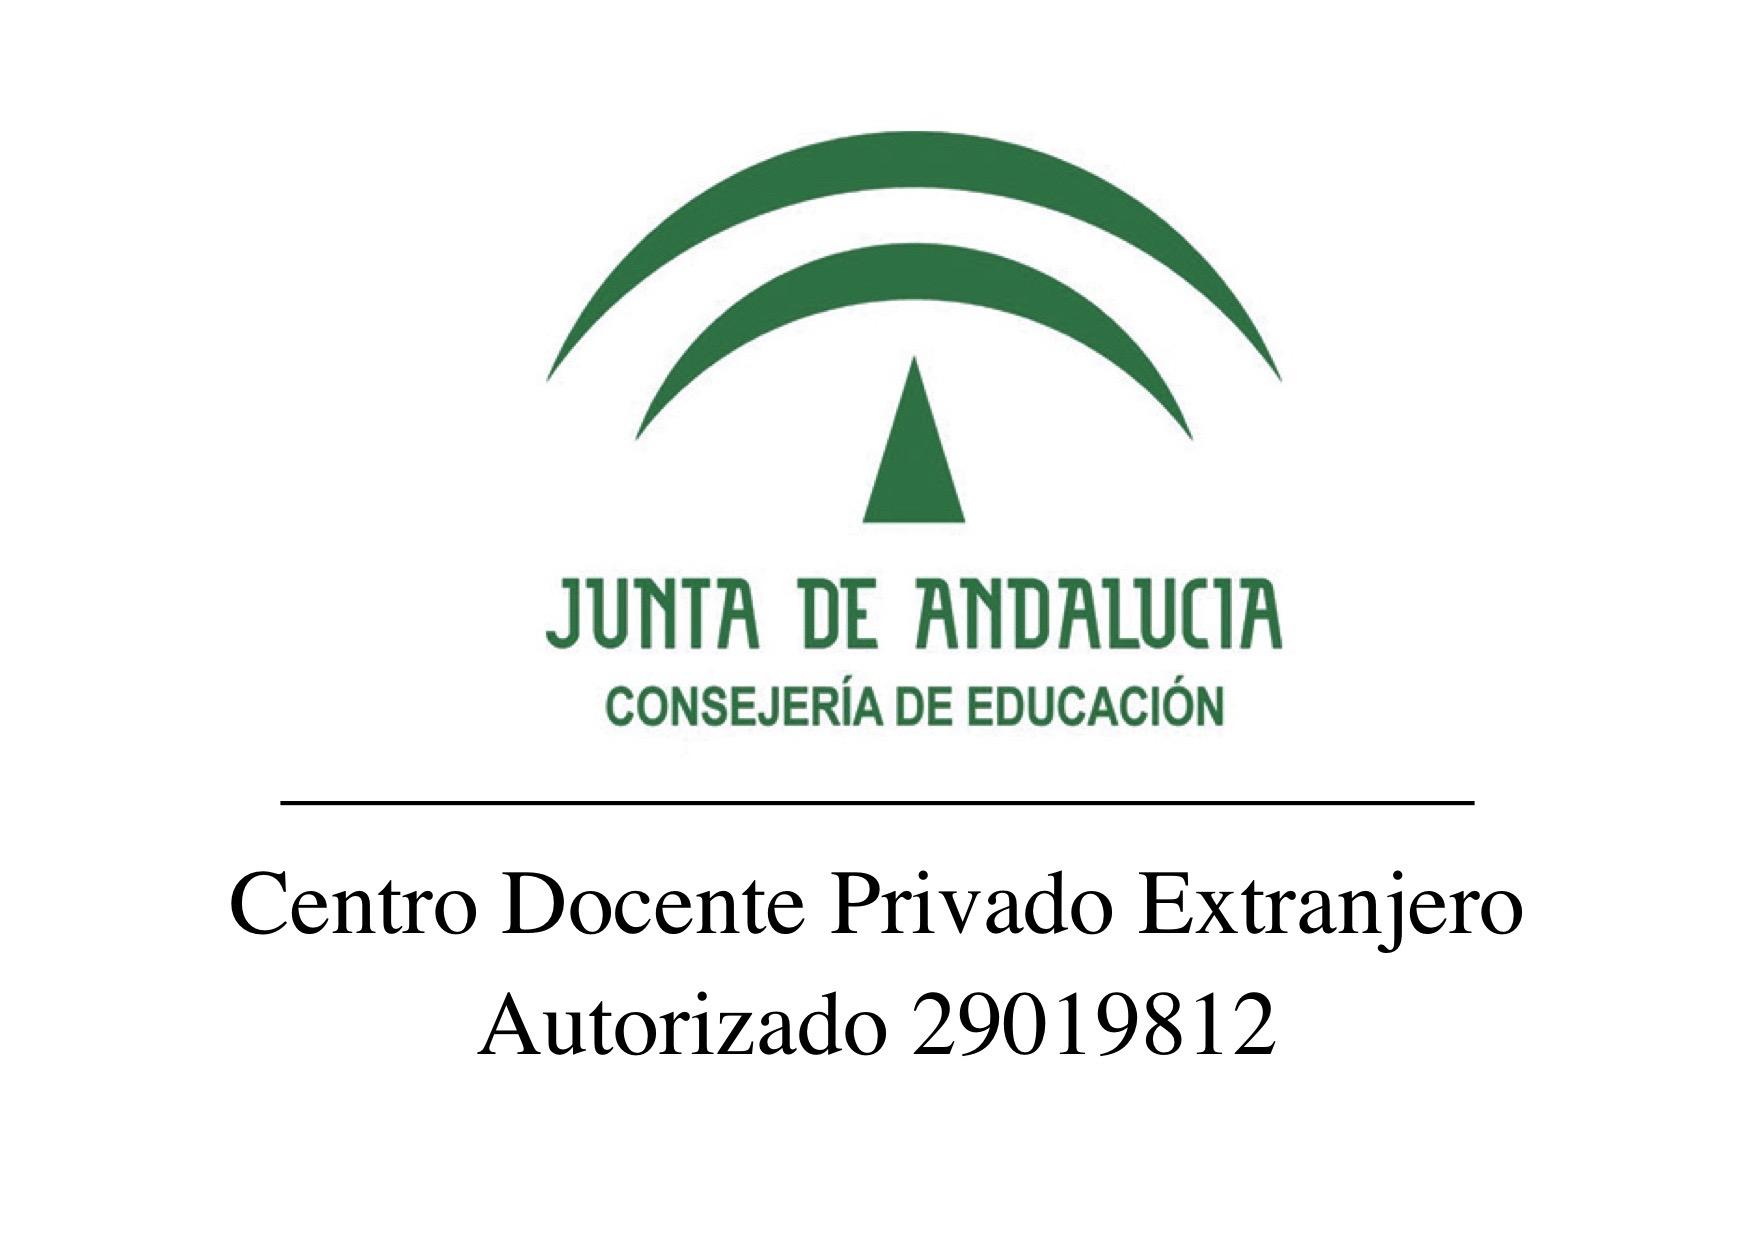 Junta código PDF